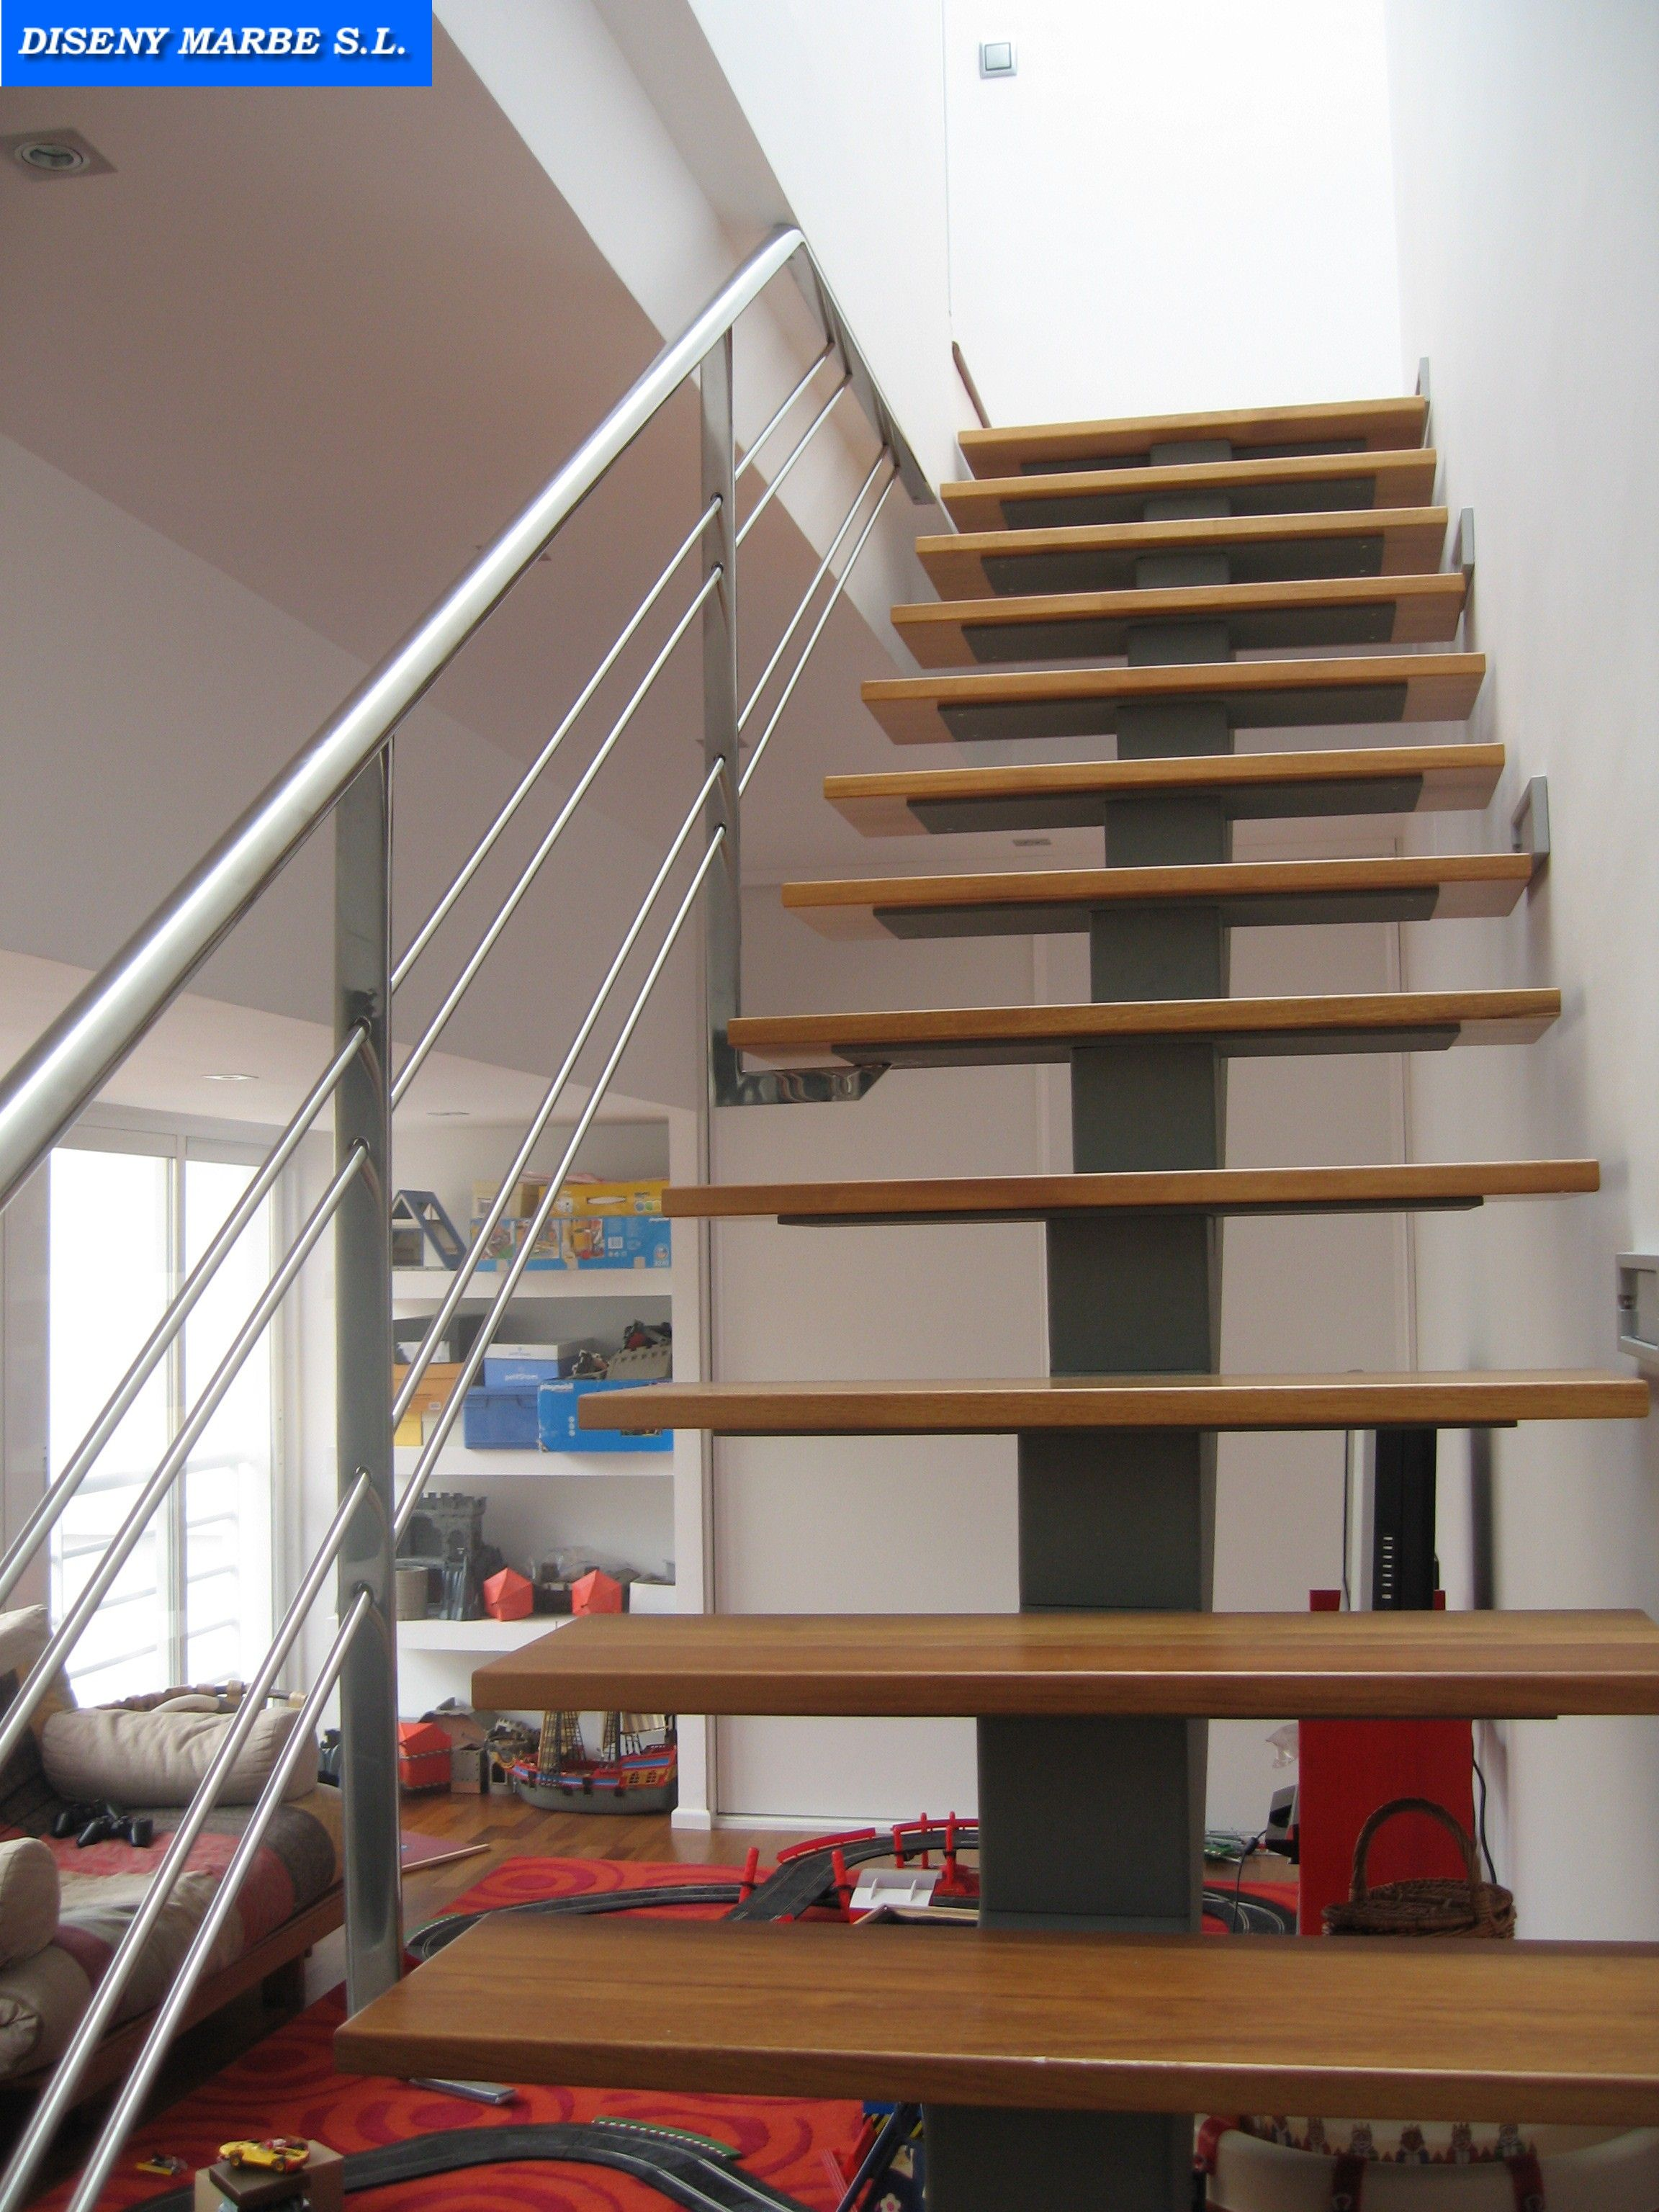 barandilla escalera de acero inoxidable pasamano redondo con varillas sobre escalera de hierro